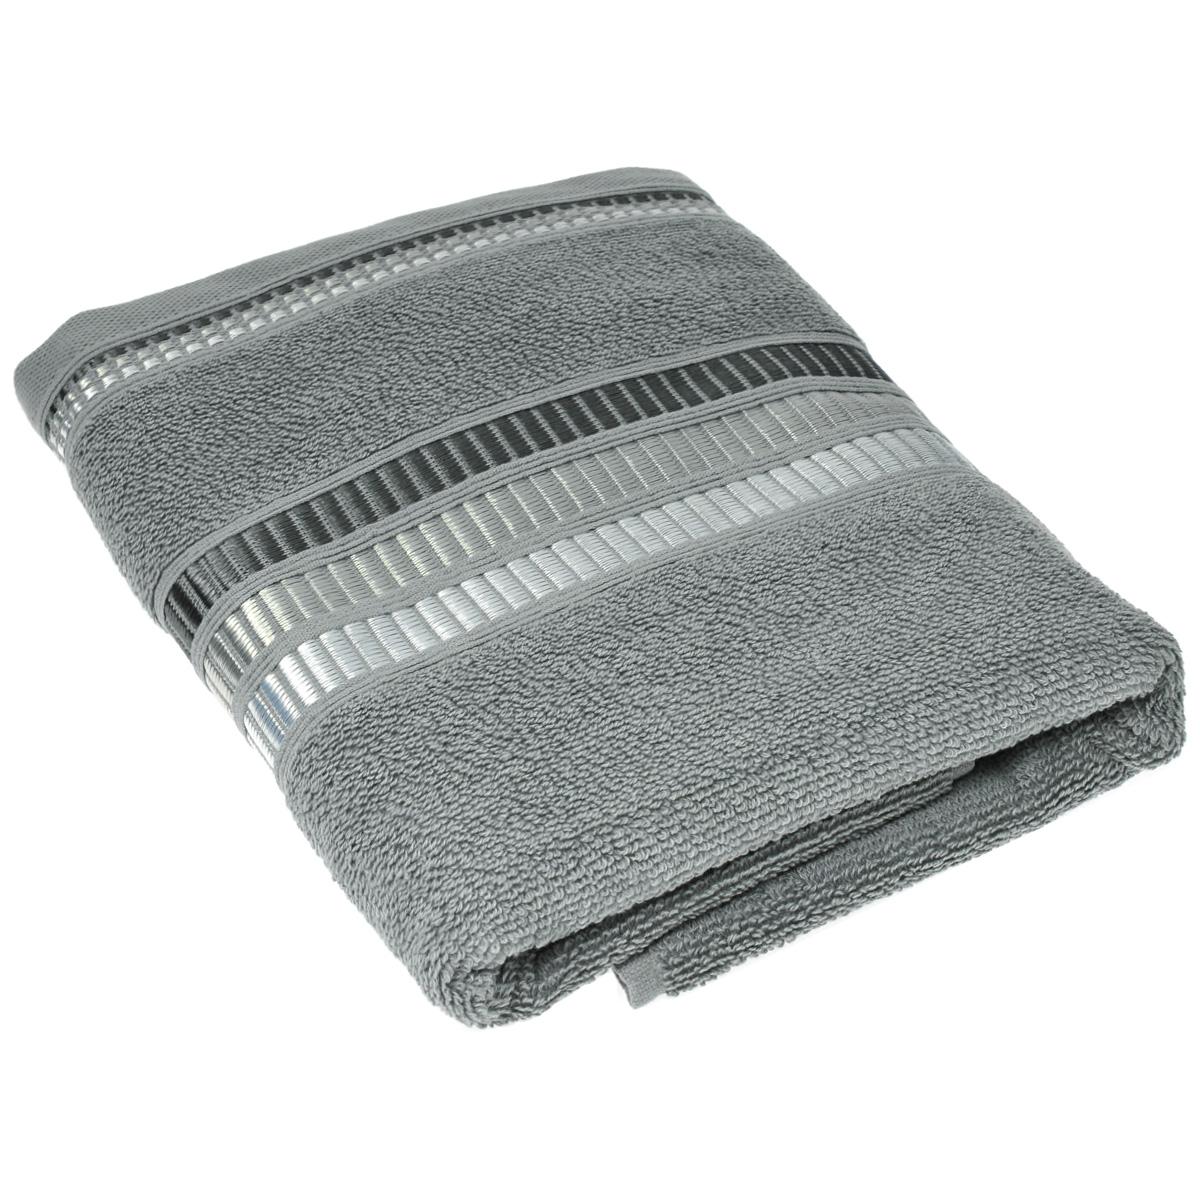 Полотенце махровое Coronet Пиано, цвет: серый, 50 х 90 смБ-МП-2020-01-03Махровое полотенце Coronet Пиано, изготовленное из натурального хлопка, подарит массу положительных эмоций и приятных ощущений. Полотенце отличается нежностью и мягкостью материала, утонченным дизайном и превосходным качеством. Оно прекрасно впитывает влагу, быстро сохнет и не теряет своих свойств после многократных стирок. Махровое полотенце Coronet Пиано станет достойным выбором для вас и приятным подарком для ваших близких. Мягкость и высокое качество материала, из которого изготовлены полотенца не оставит вас равнодушными.